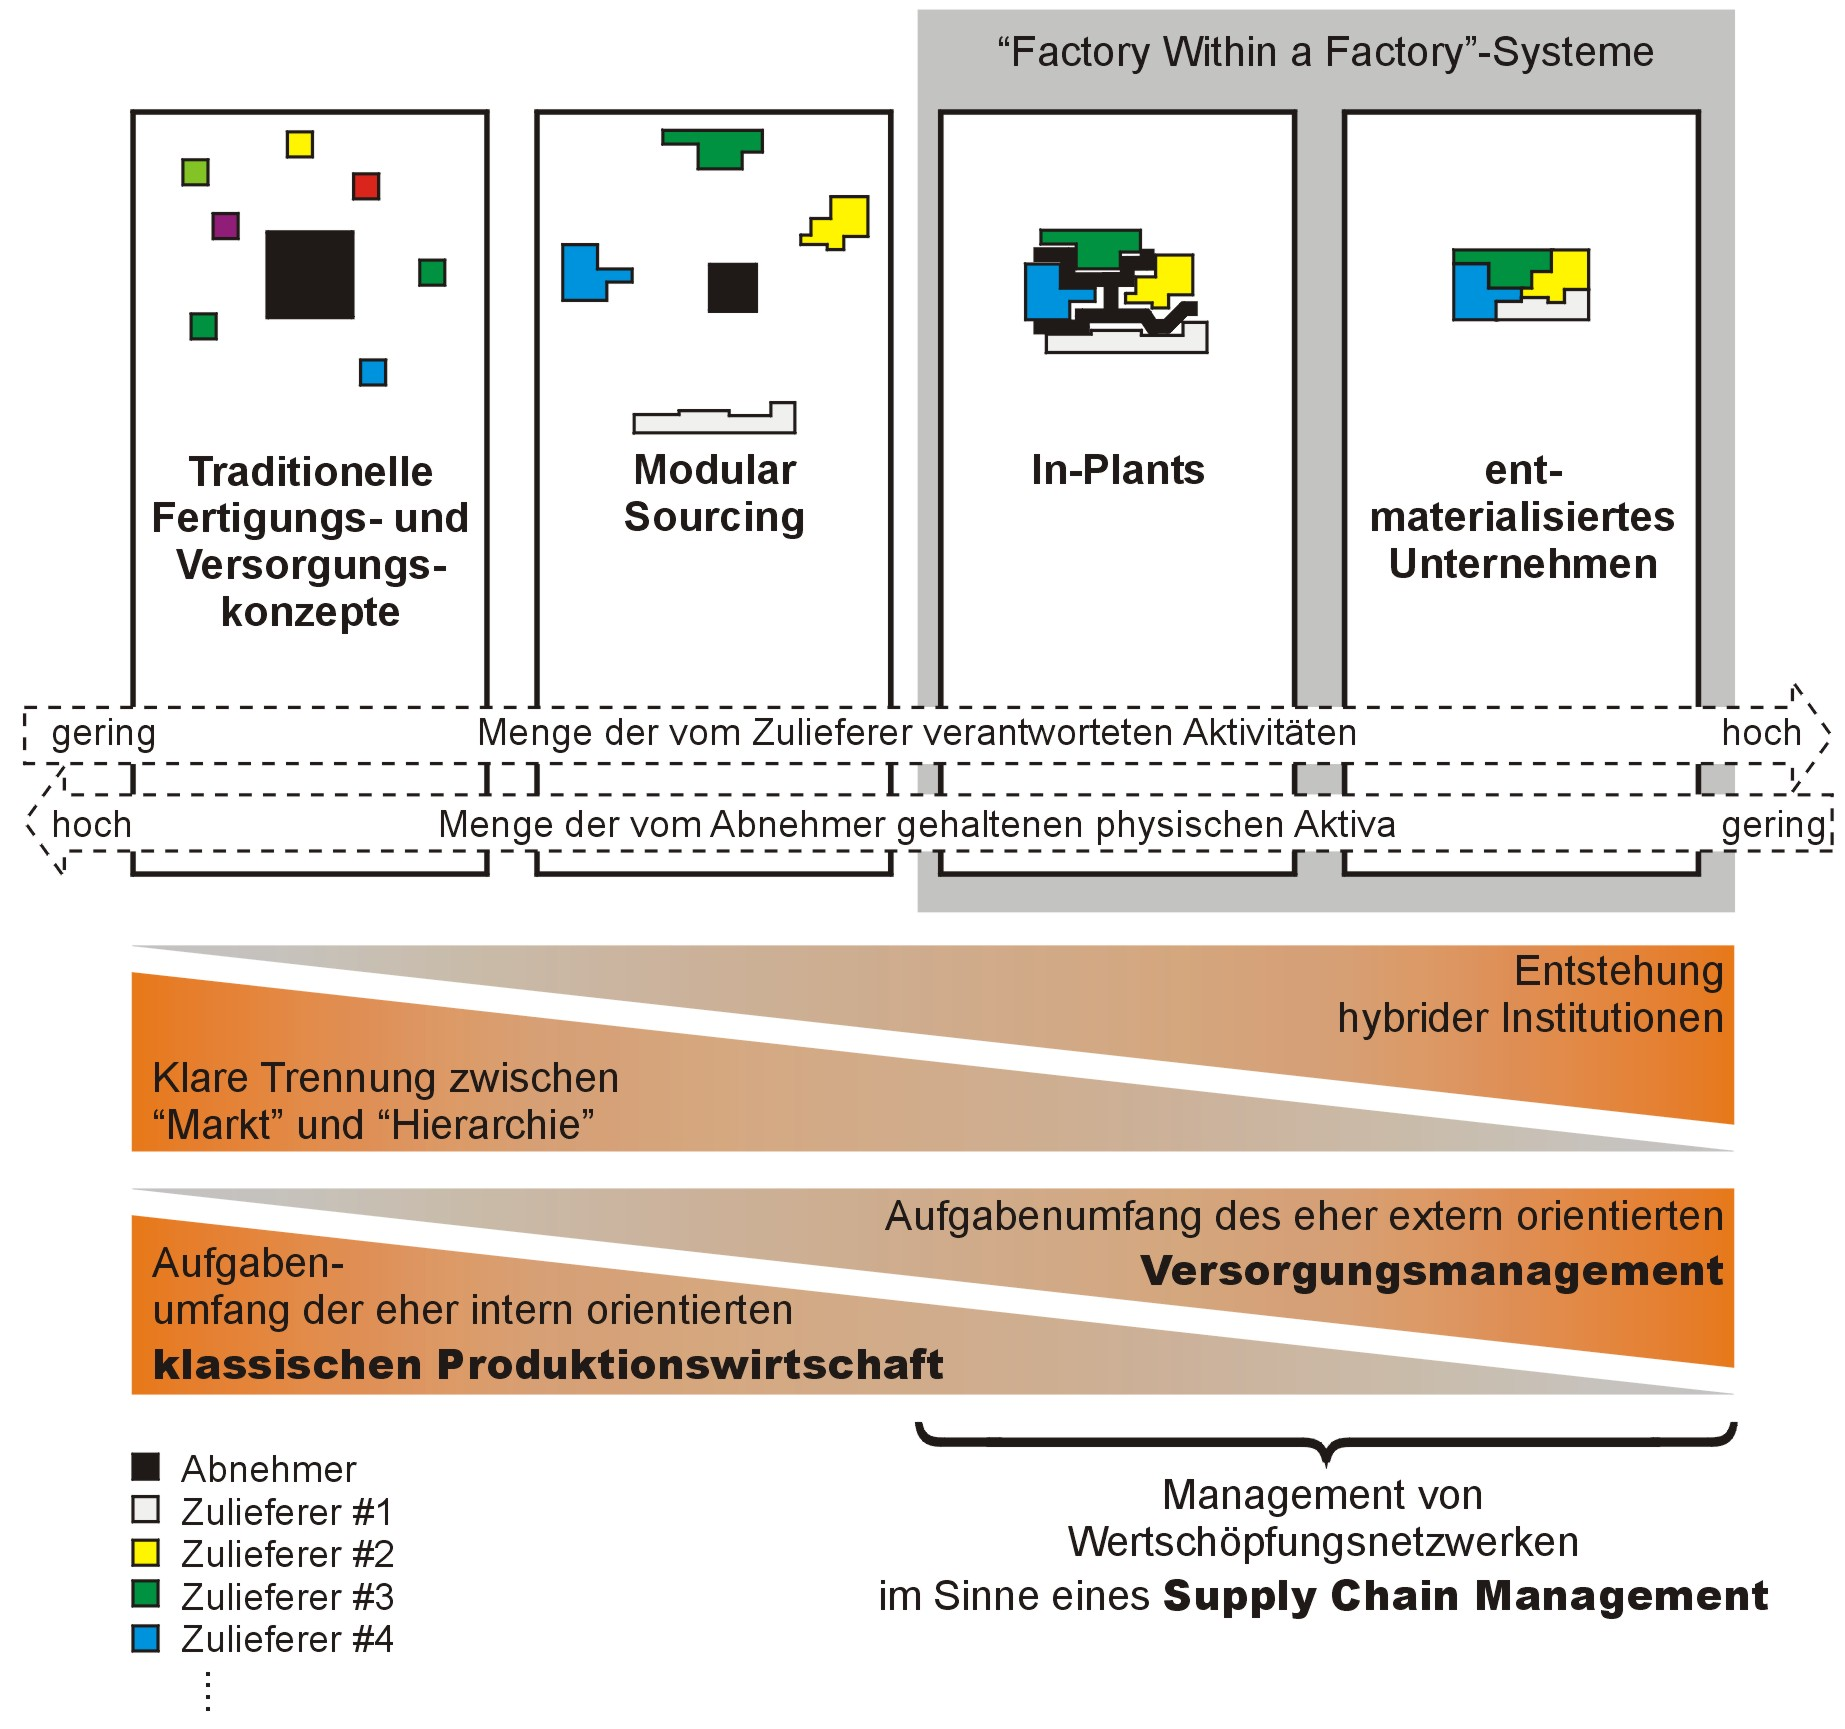 Evolutions- bzw. Entwicklungspfad industrielles Management